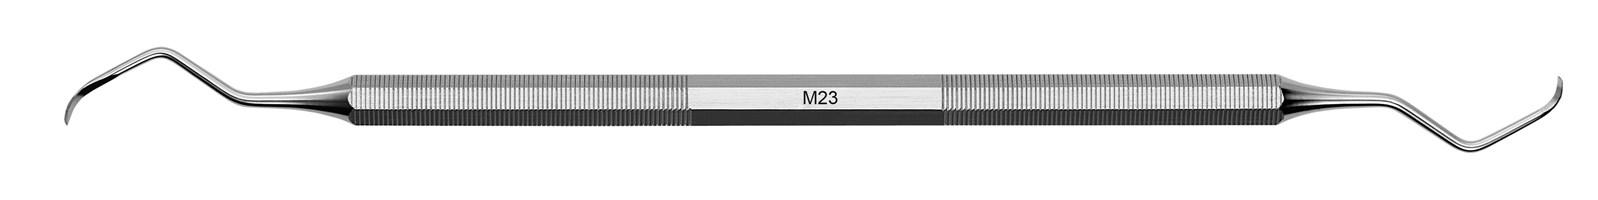 Scaler univerzální - M23, ADEP červený